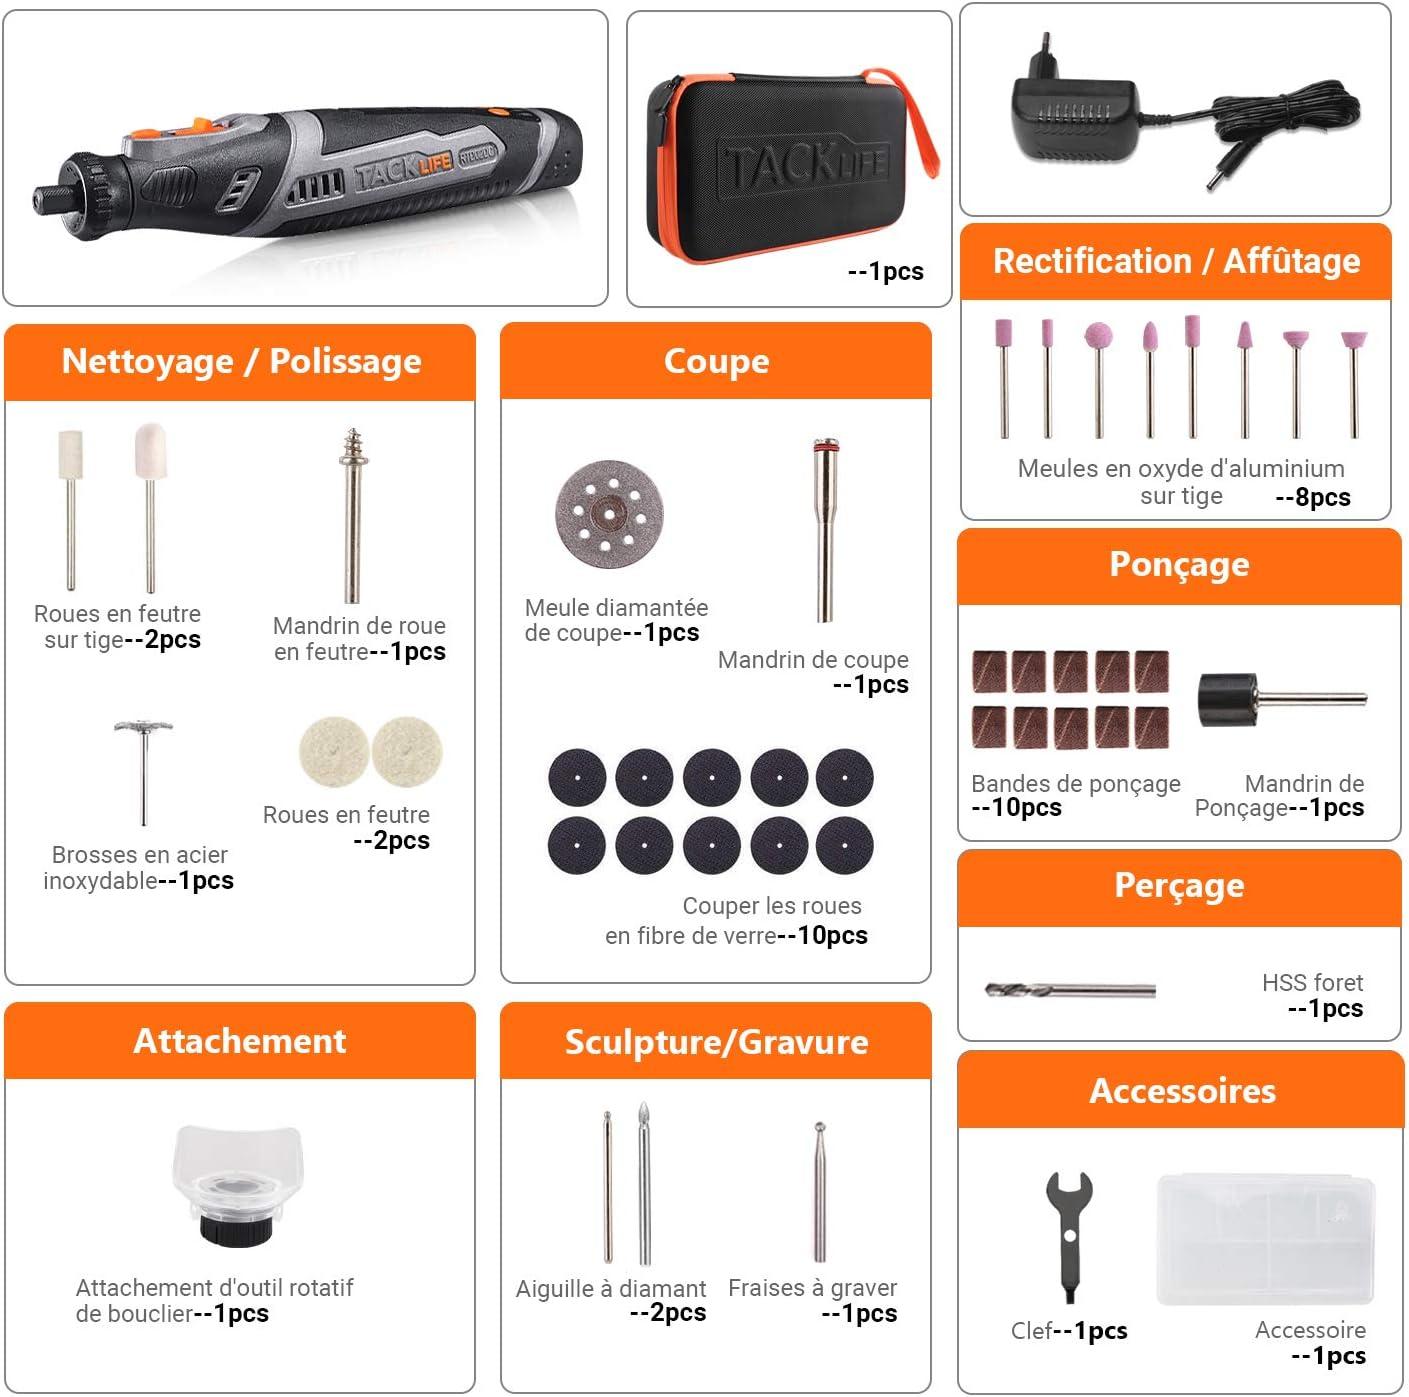 RTD02DC 8V Outil Multifonction sans fil avec 45 accessoires Batterie au Lithium-ion 2.0Ah TACKLIFE-Mini Outil Rotatif Charge Rapide 1h